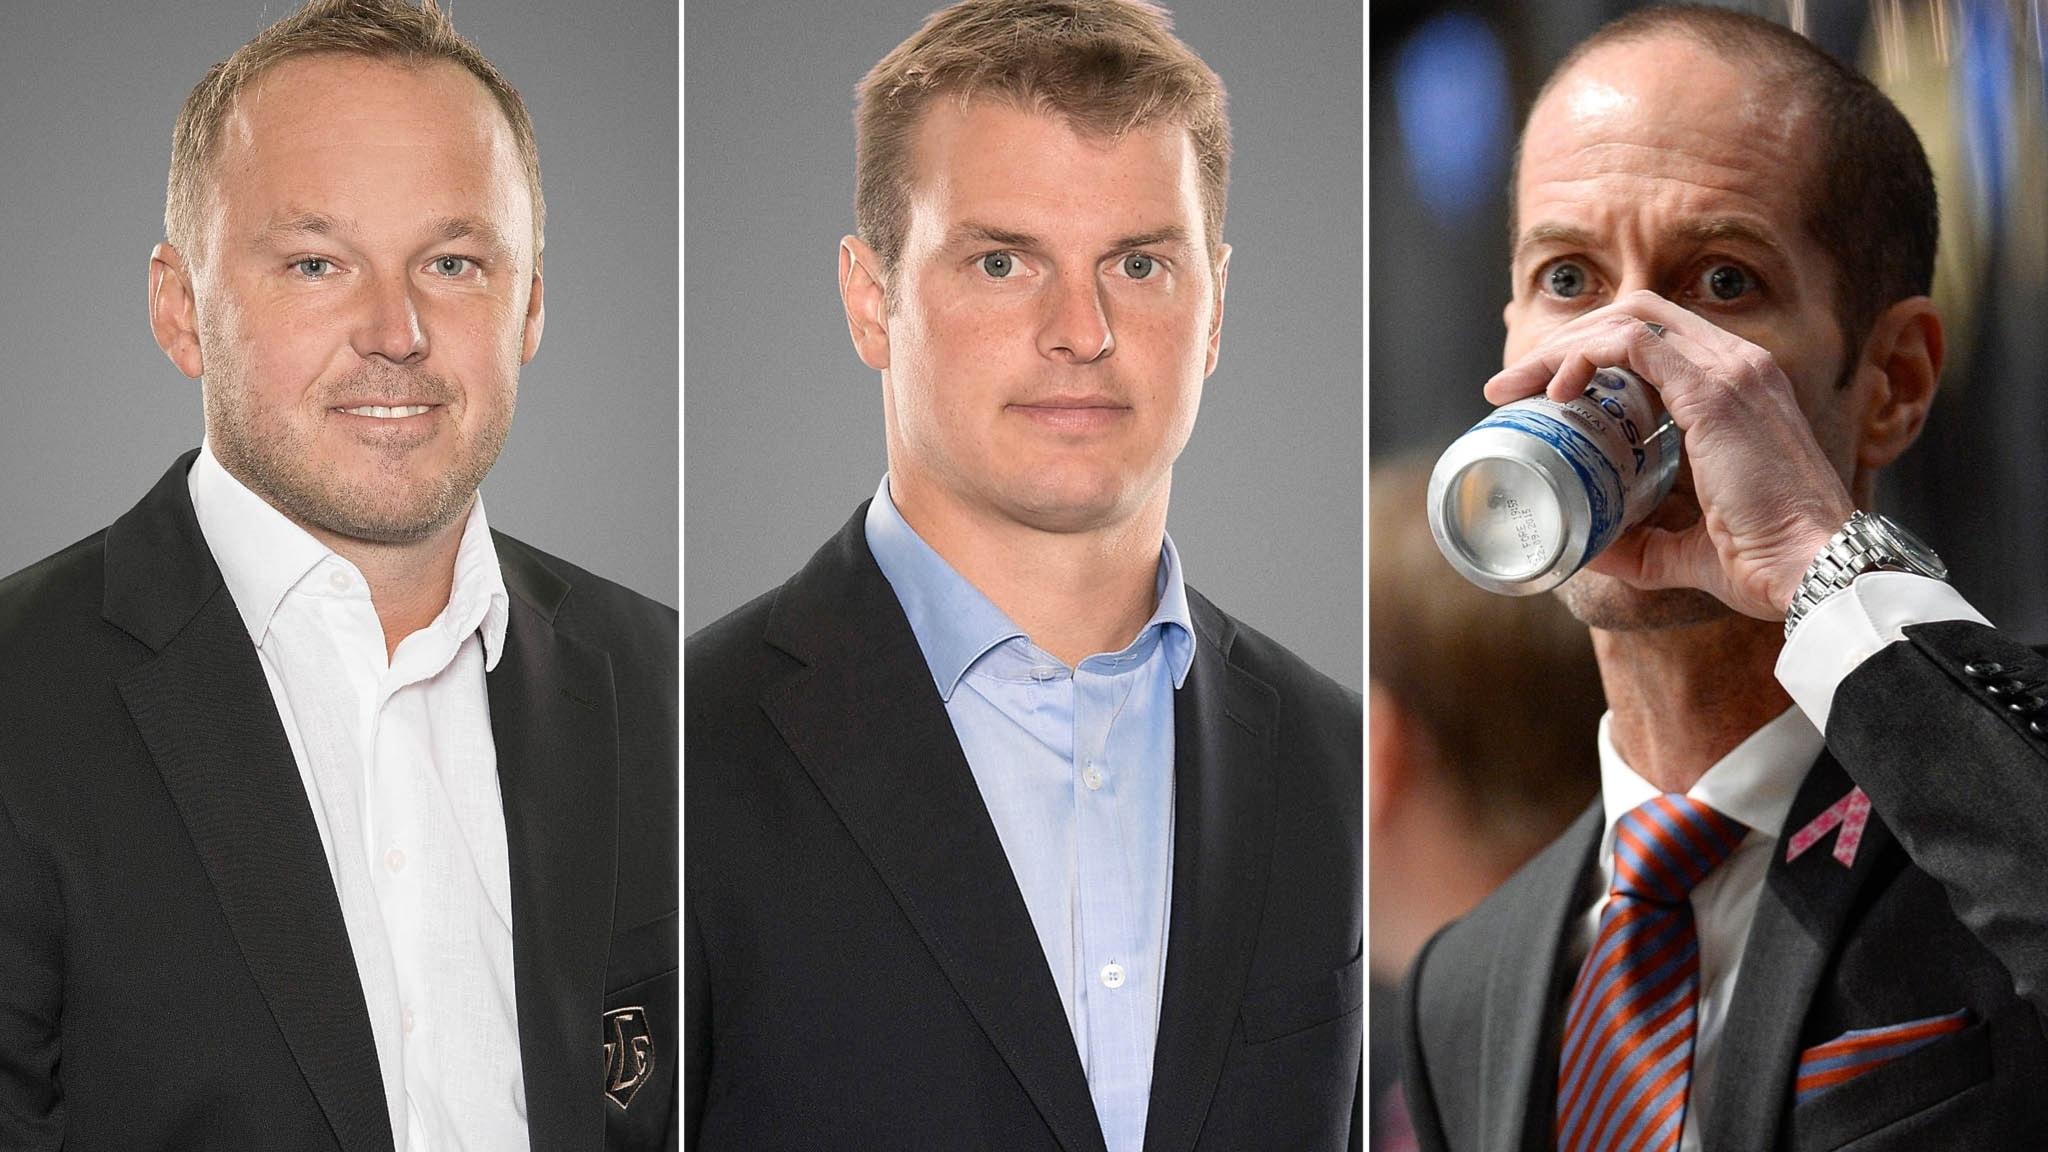 Leksands sportchef Mikael Karlberg, Djurgårdens dito Joakim Eriksson och NHL-scouten Anders Forsberg hörs i veckans Istid.